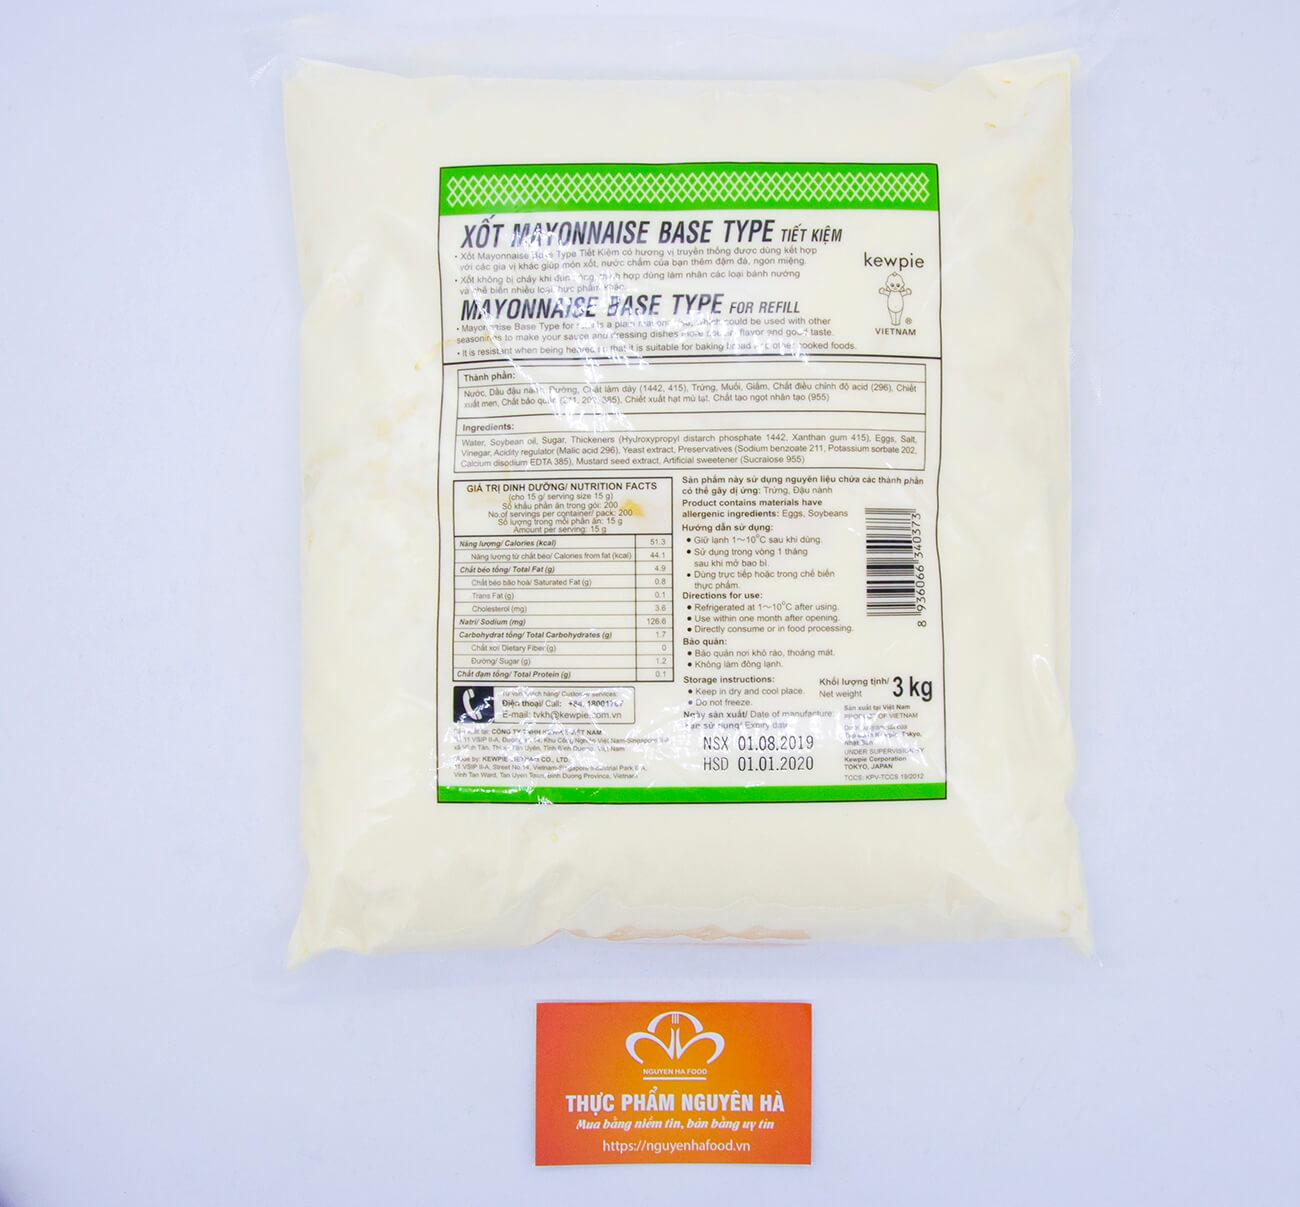 xot-mayonnaise-base-type-kewpie-(dong-goi)-01